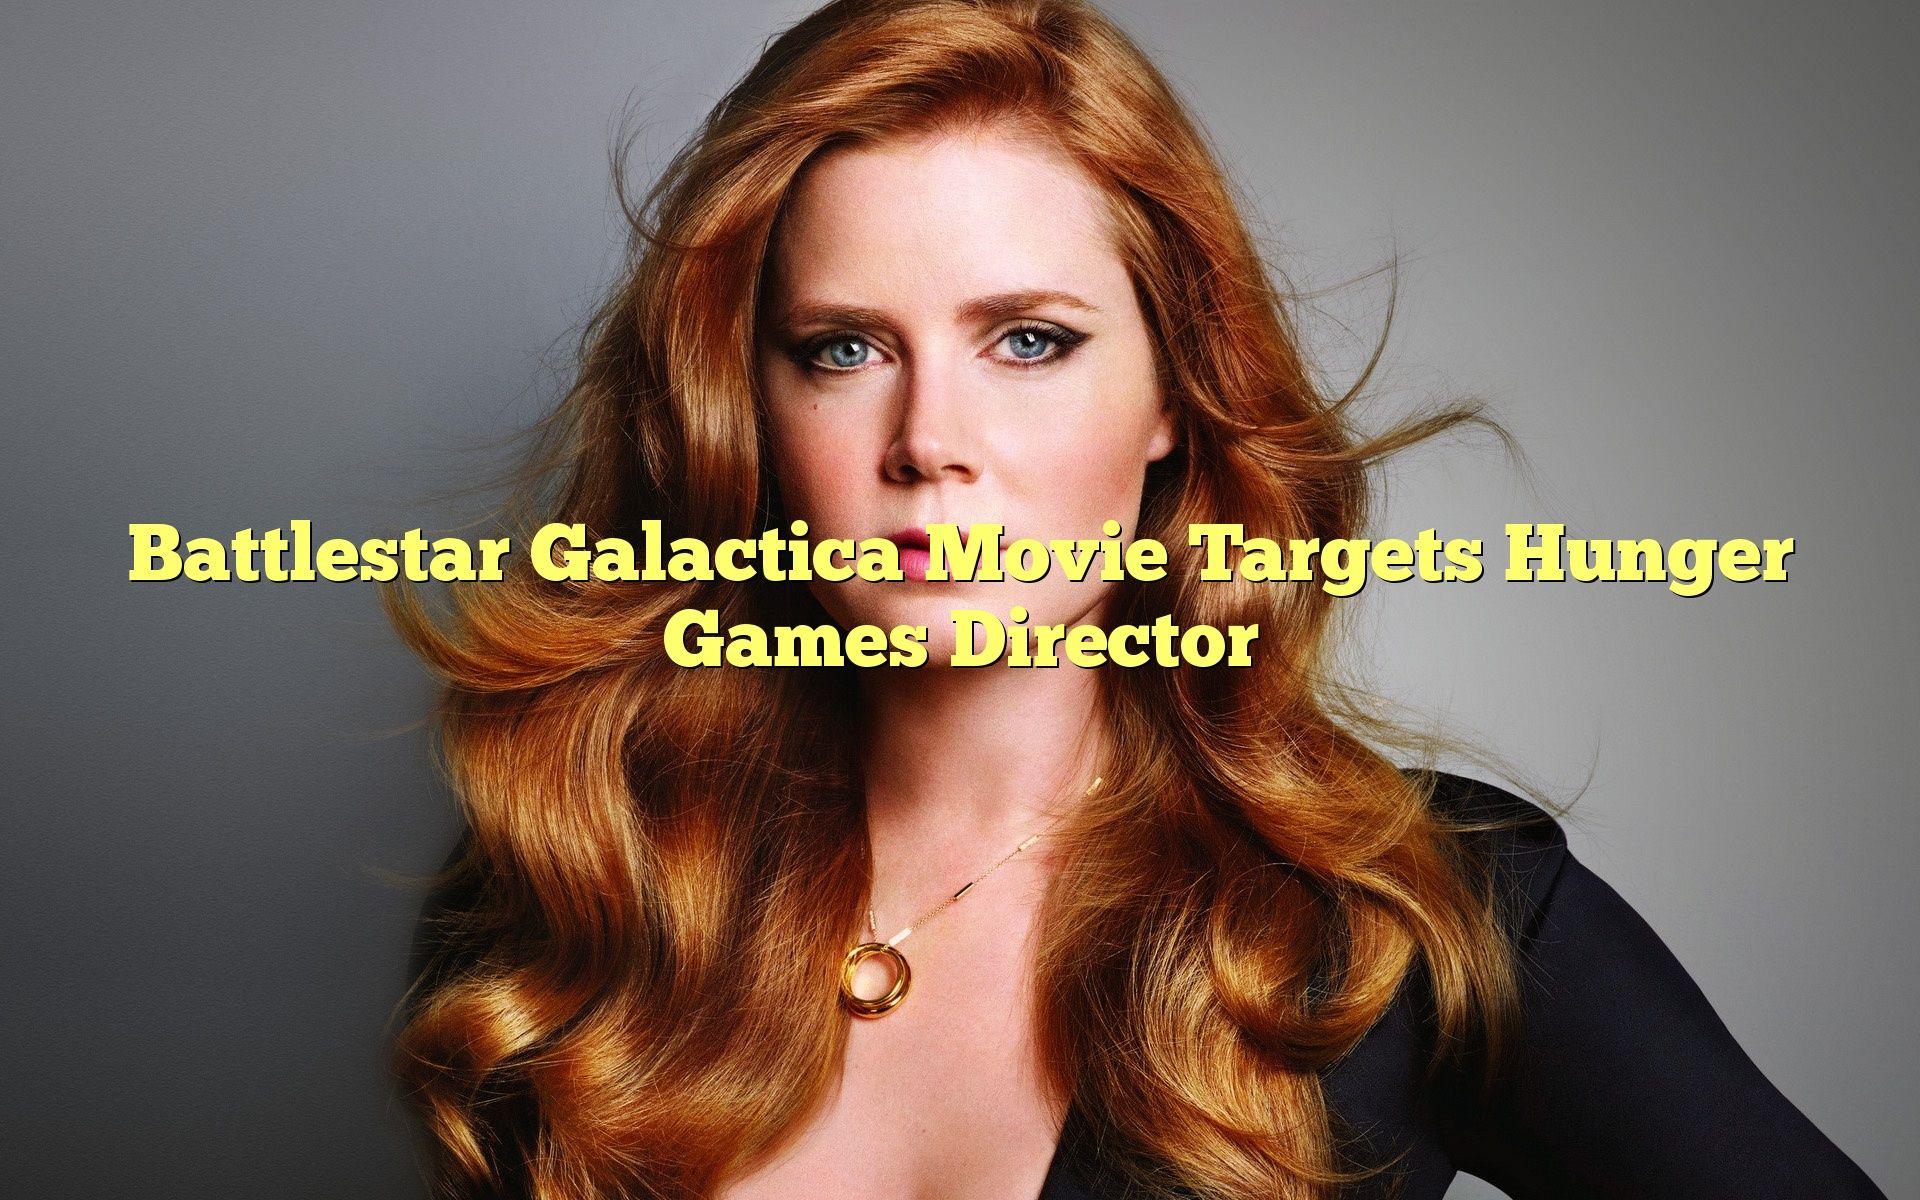 Battlestar Galactica Movie Targets Hunger Games Director - http://cybertimes.co.uk/2016/06/10/battlestar-galactica-movie-targets-hunger-games-director/